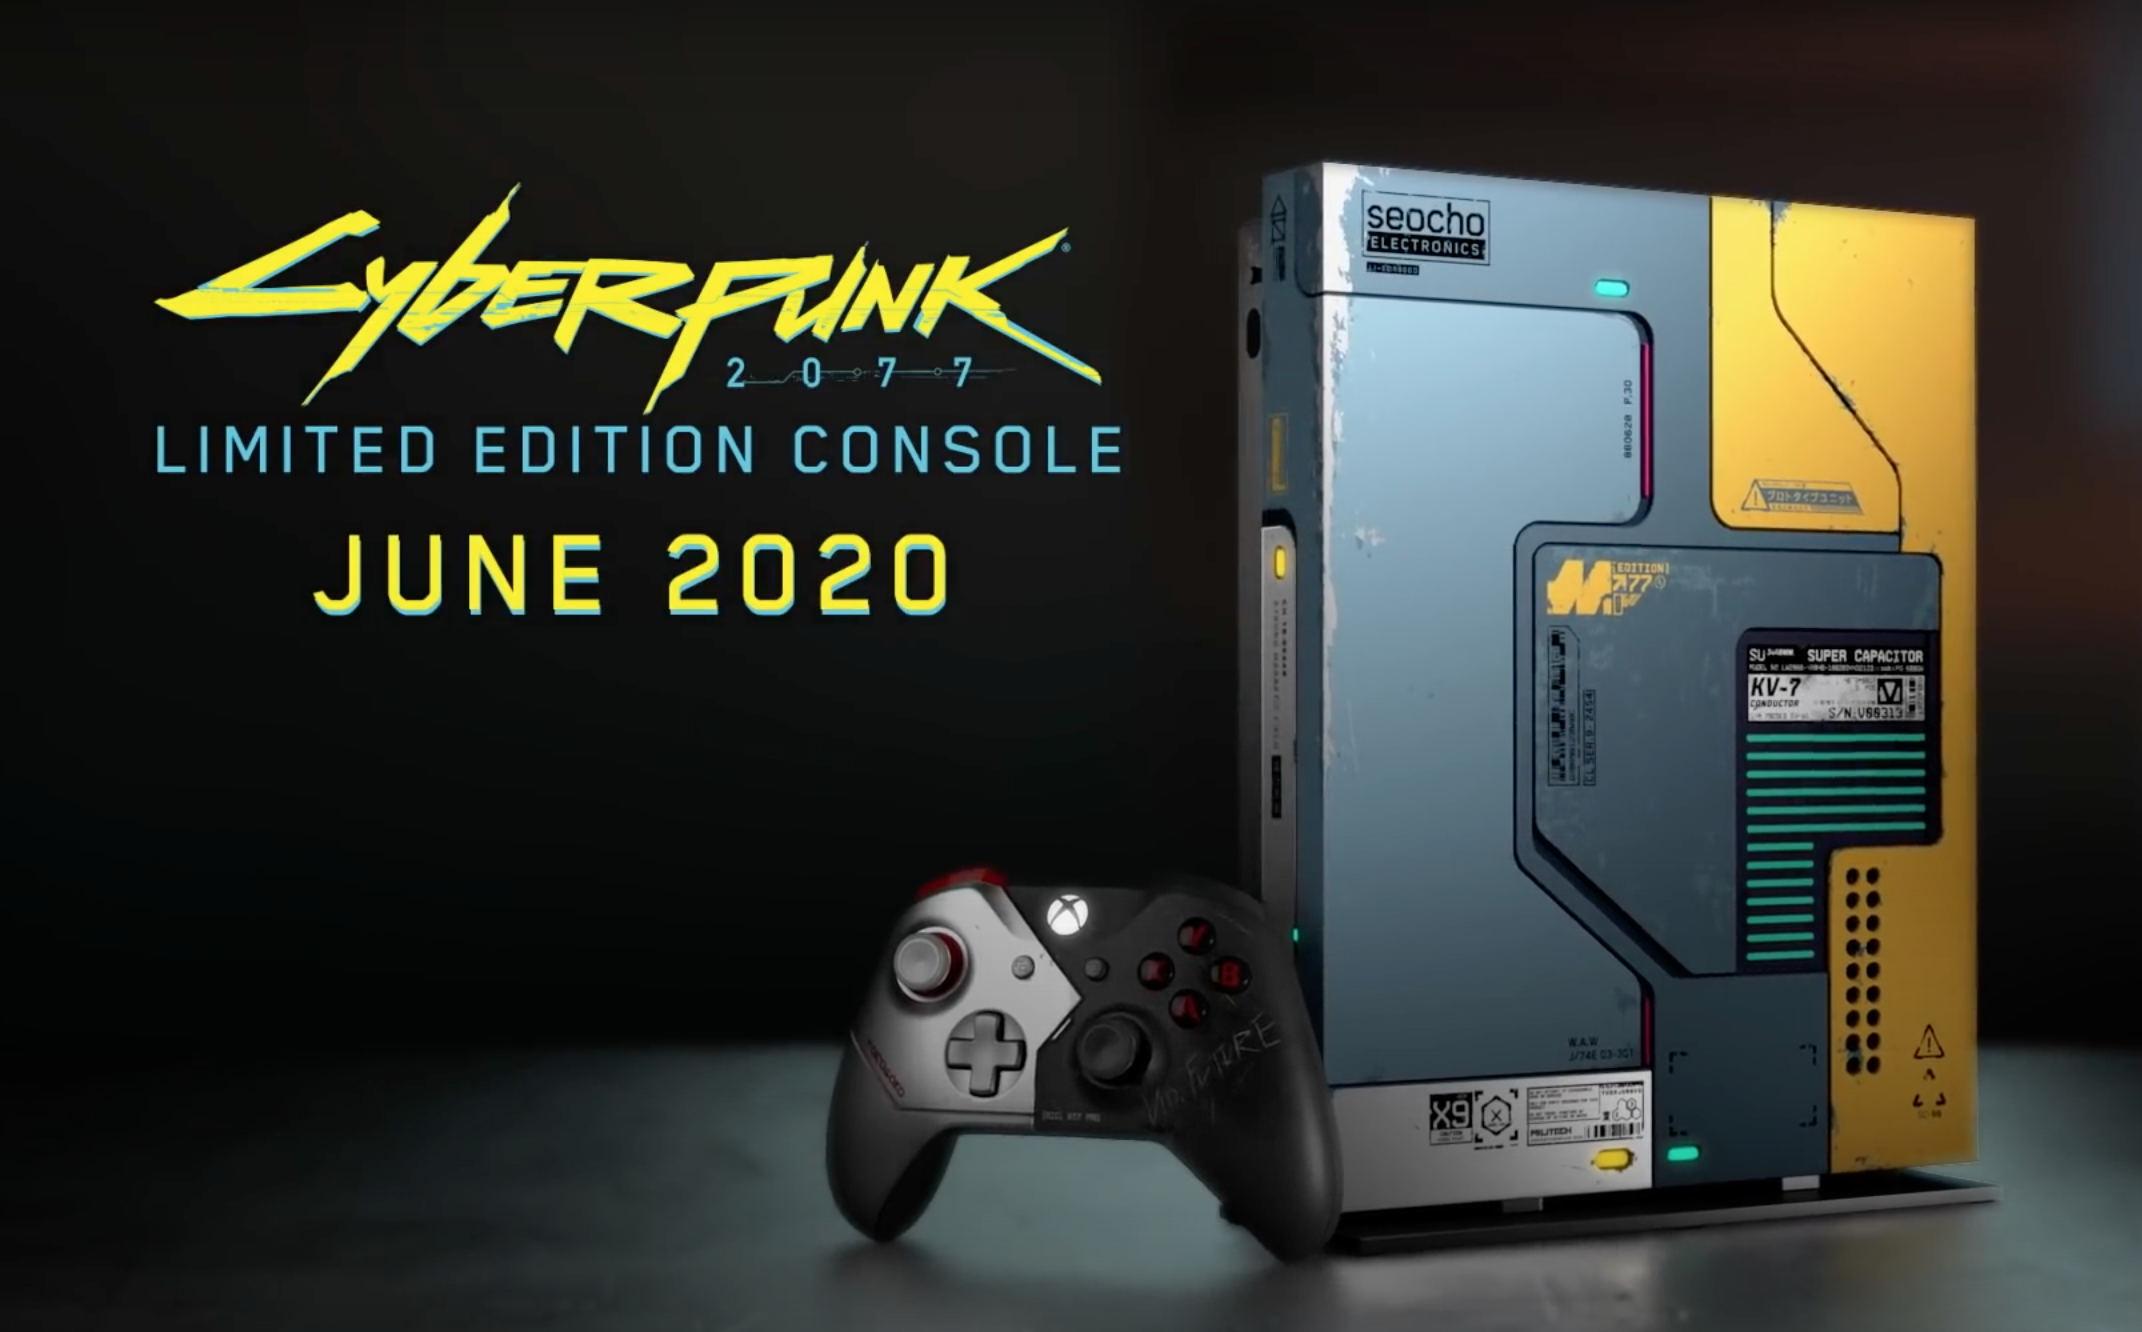 Xbox One X otrzyma przepiękną limitowaną wersję, inspirowaną grą Cyberpunk 2077 20